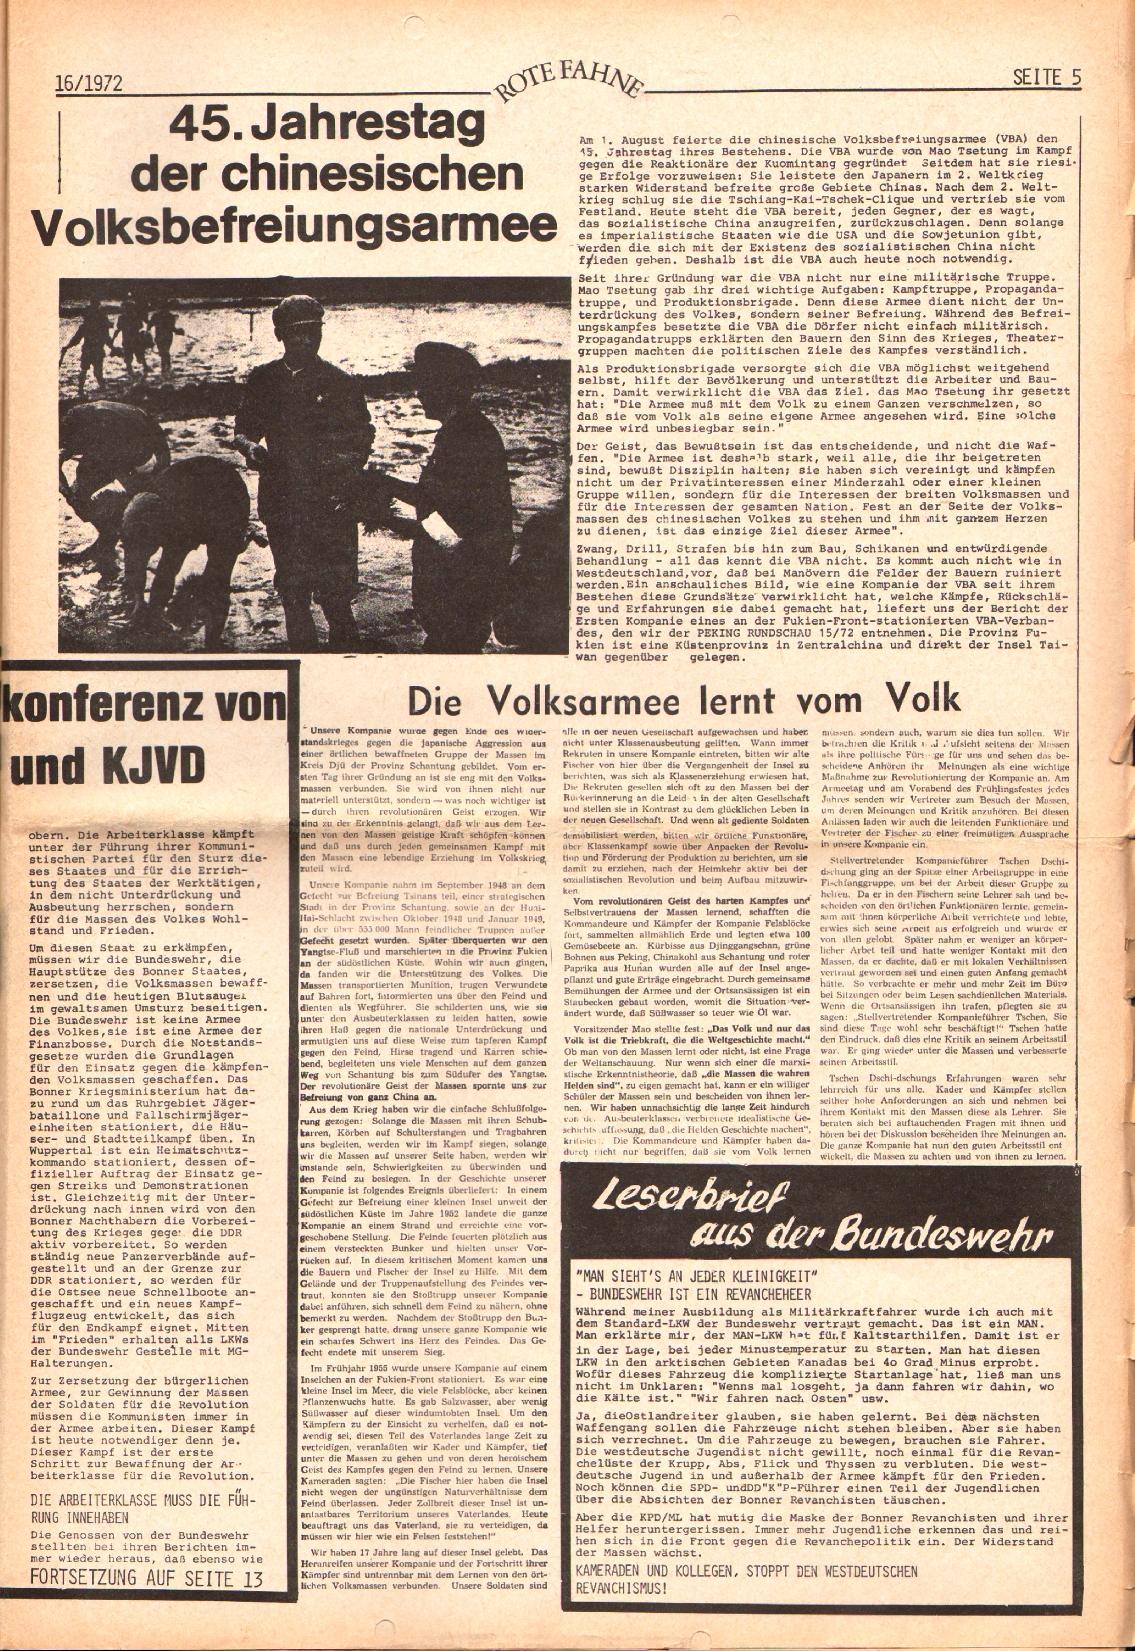 Rote Fahne, 3. Jg., 7.8.1972, Nr. 16, Seite 5